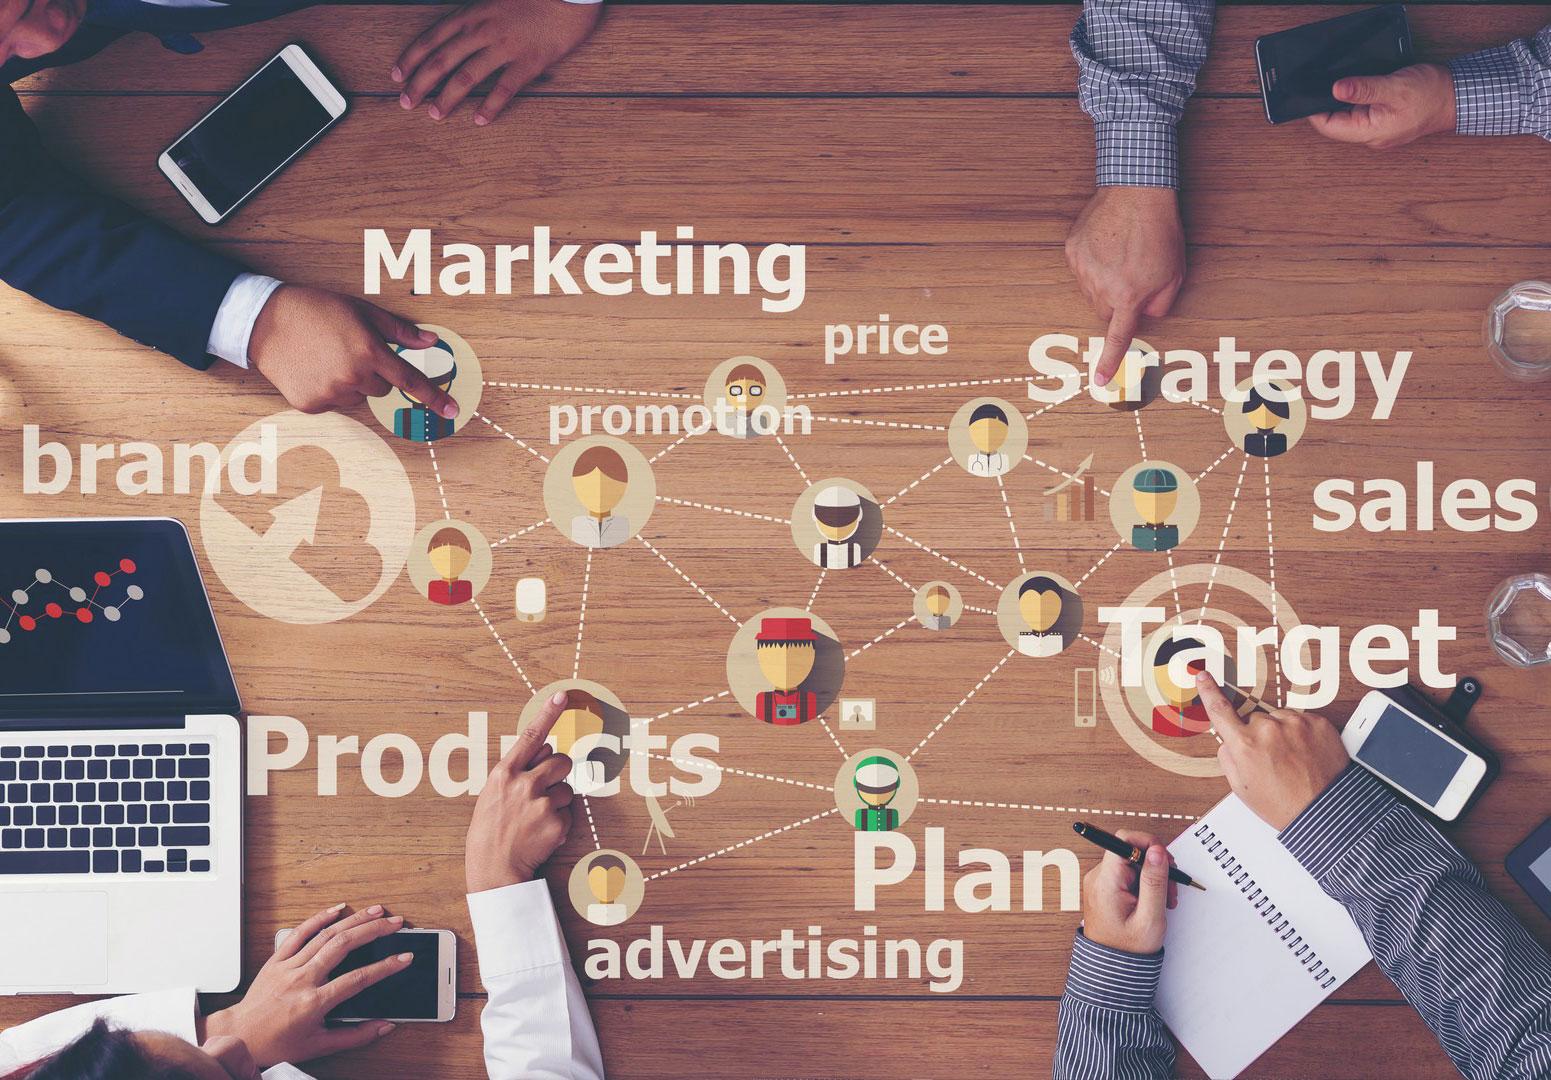 Στρατηγική Ανάπτυξη - banner | DK Marketing